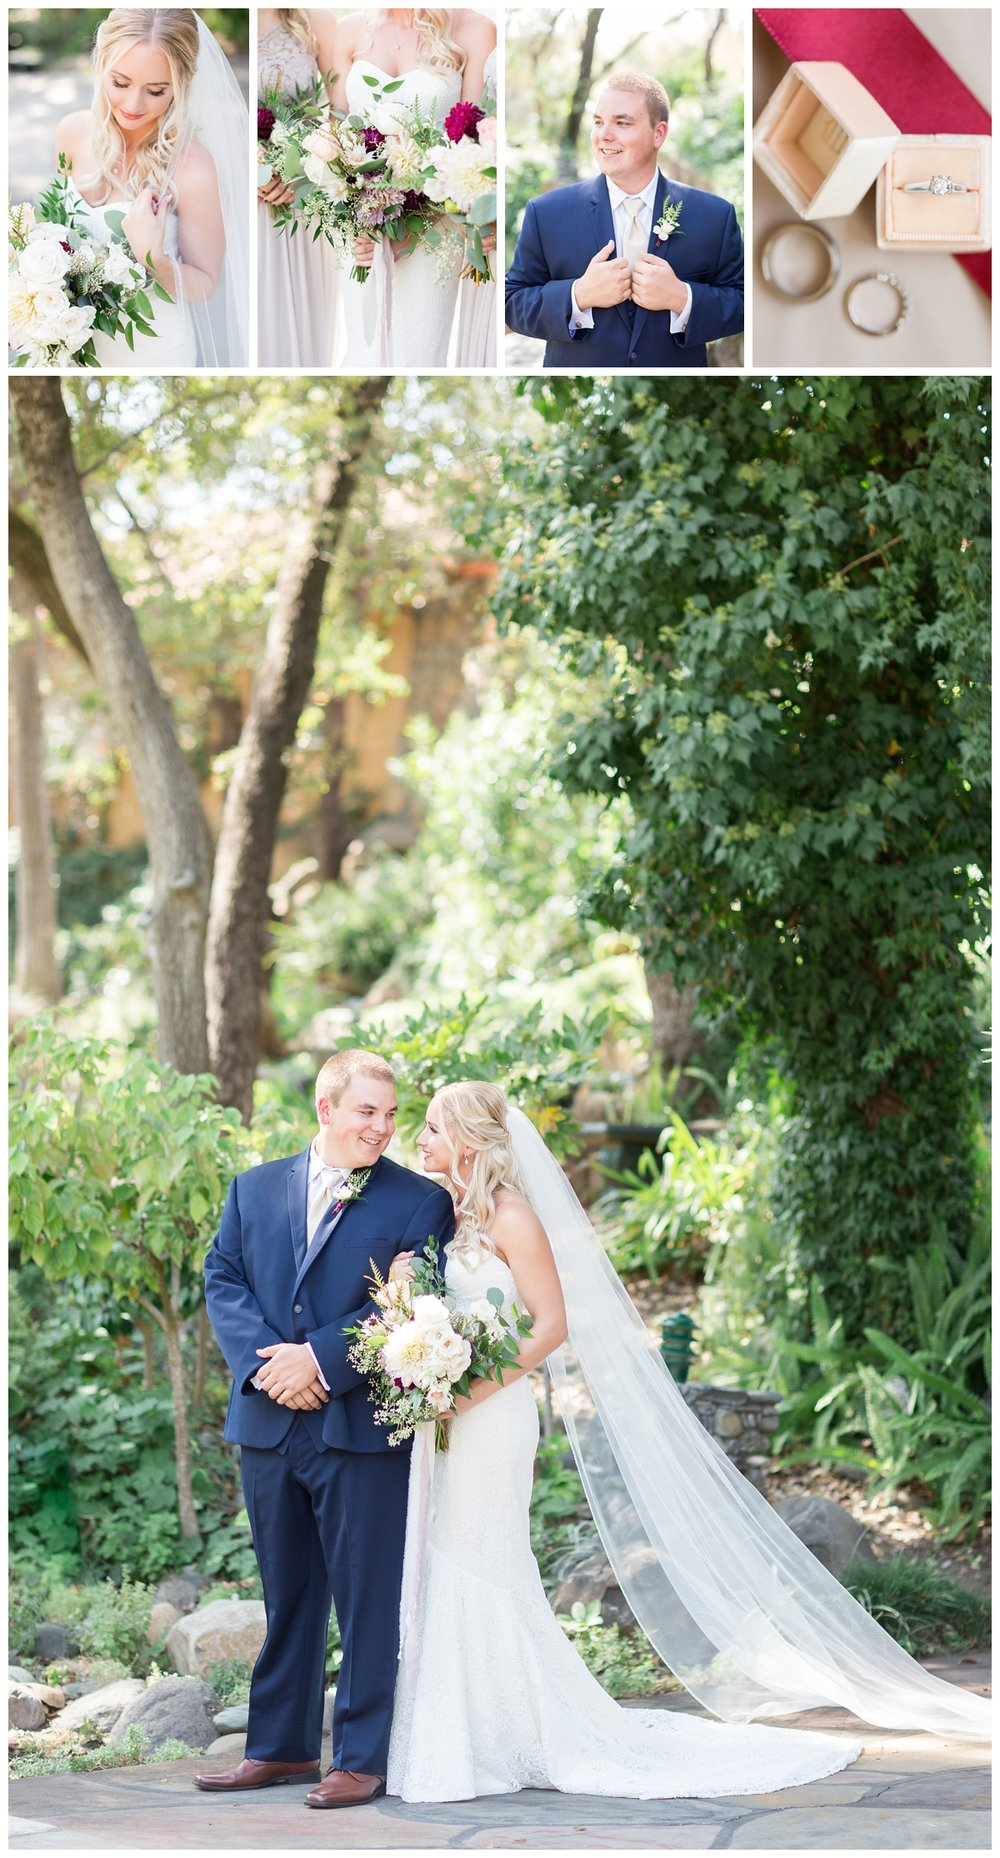 Centerville-Estates-Wedding-Photographer_6005.jpg